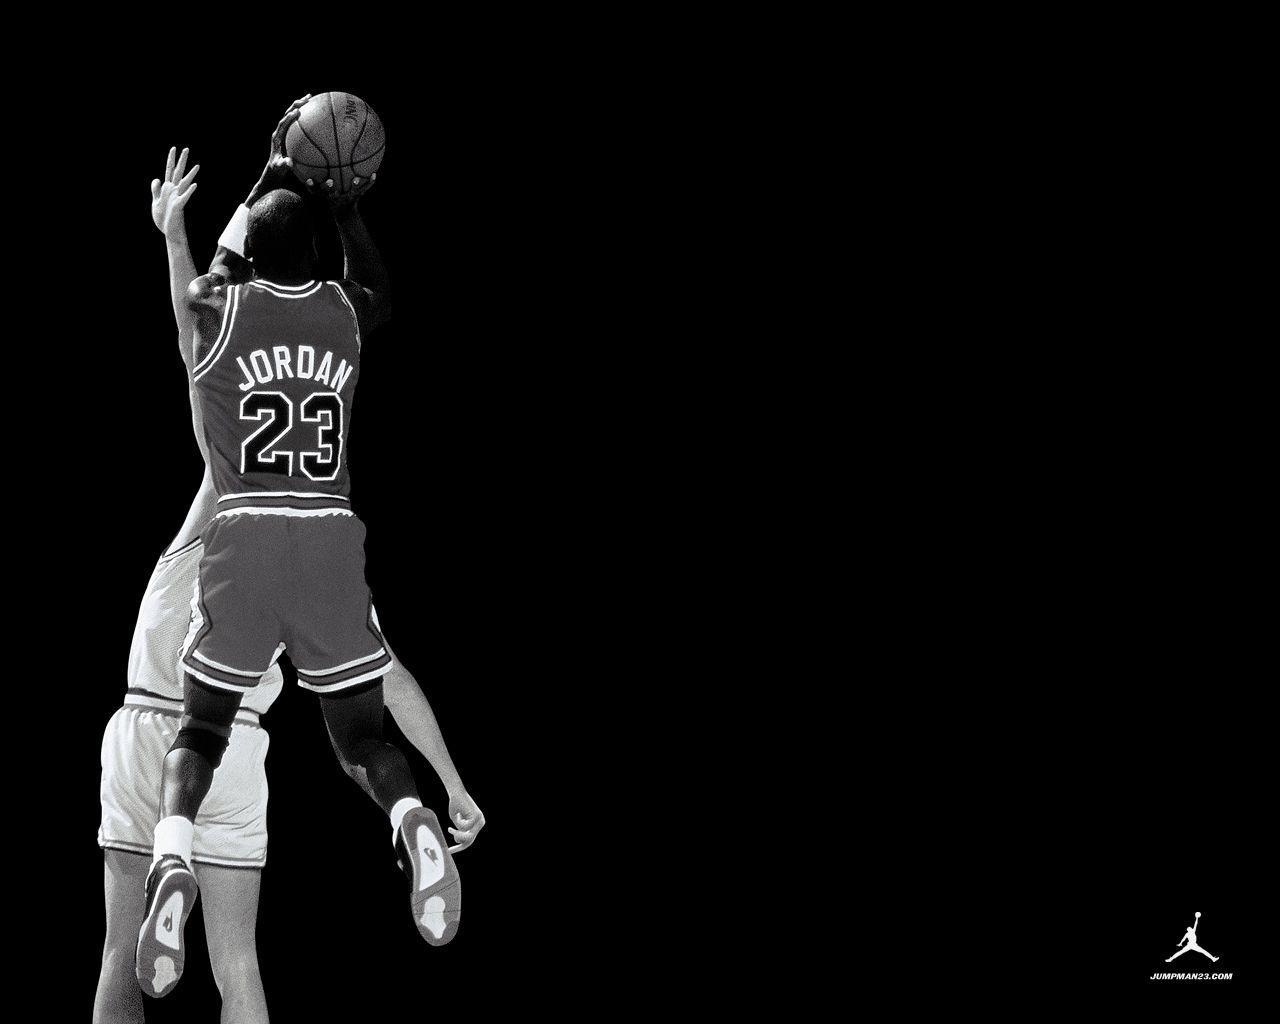 Michael Jordan Quote Hd Wallpapers Free Download: Michael Jordan Free Wallpapers